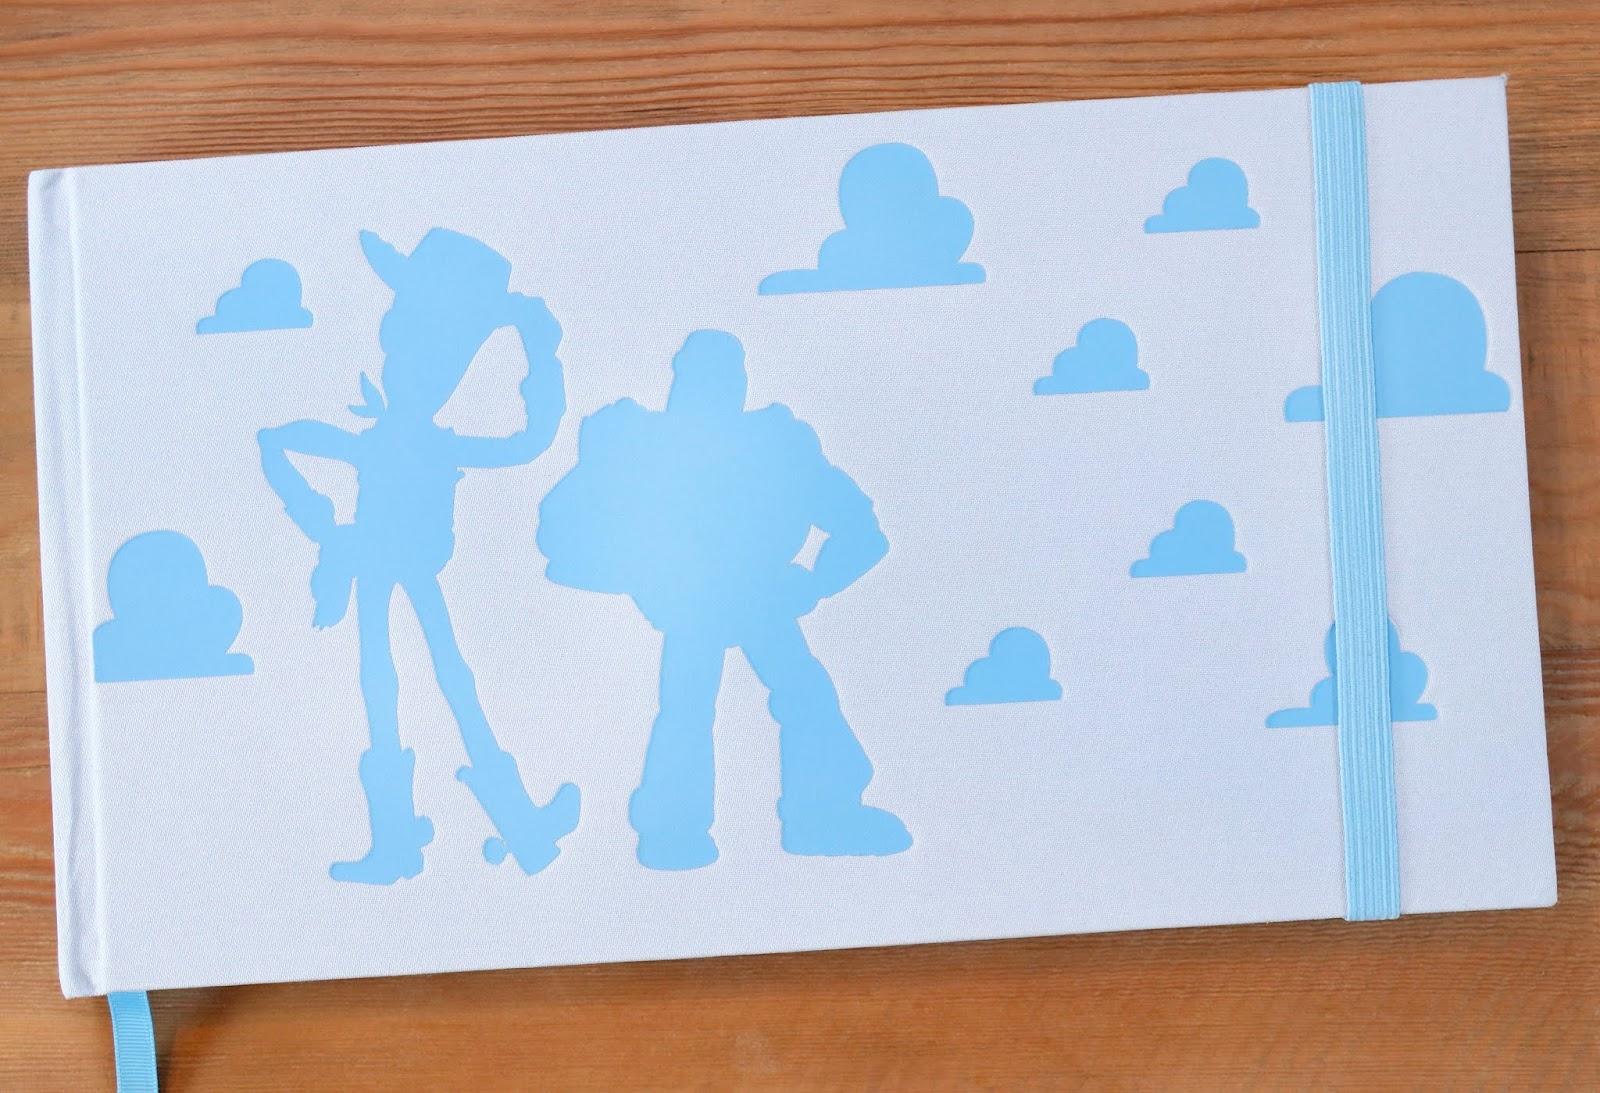 d23 expo 2019 pixar backstage toy story sketchbook